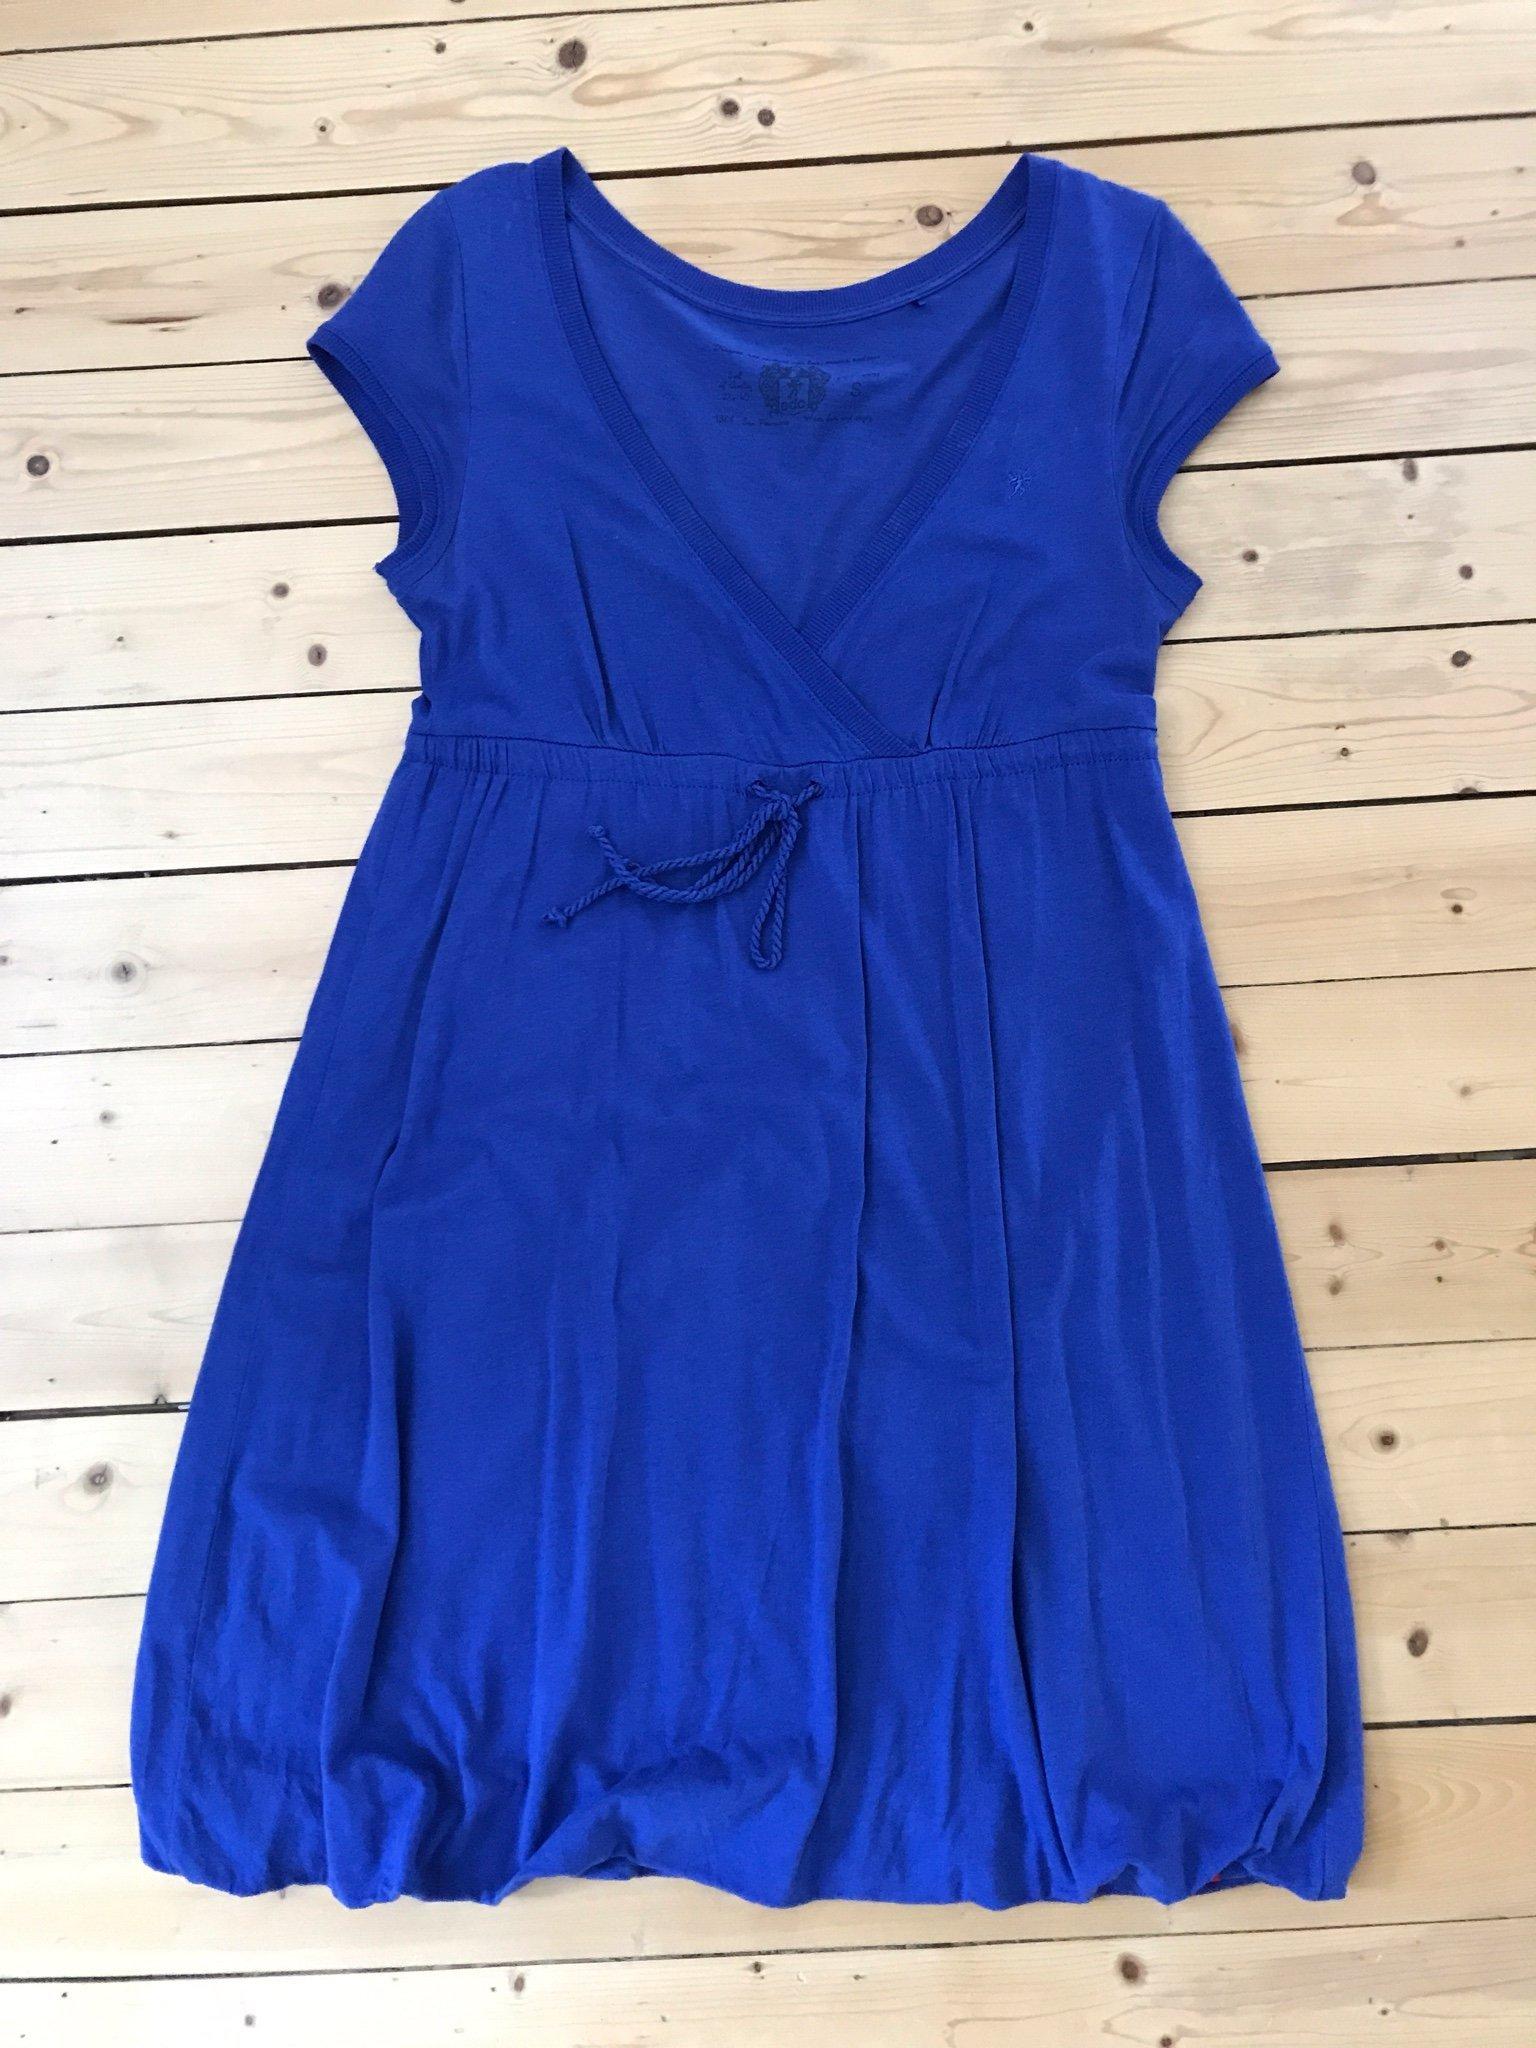 ny lista detaljerade bilder känt märke 7f371e esprite klänning köp på tradera - thedelhidawn.com